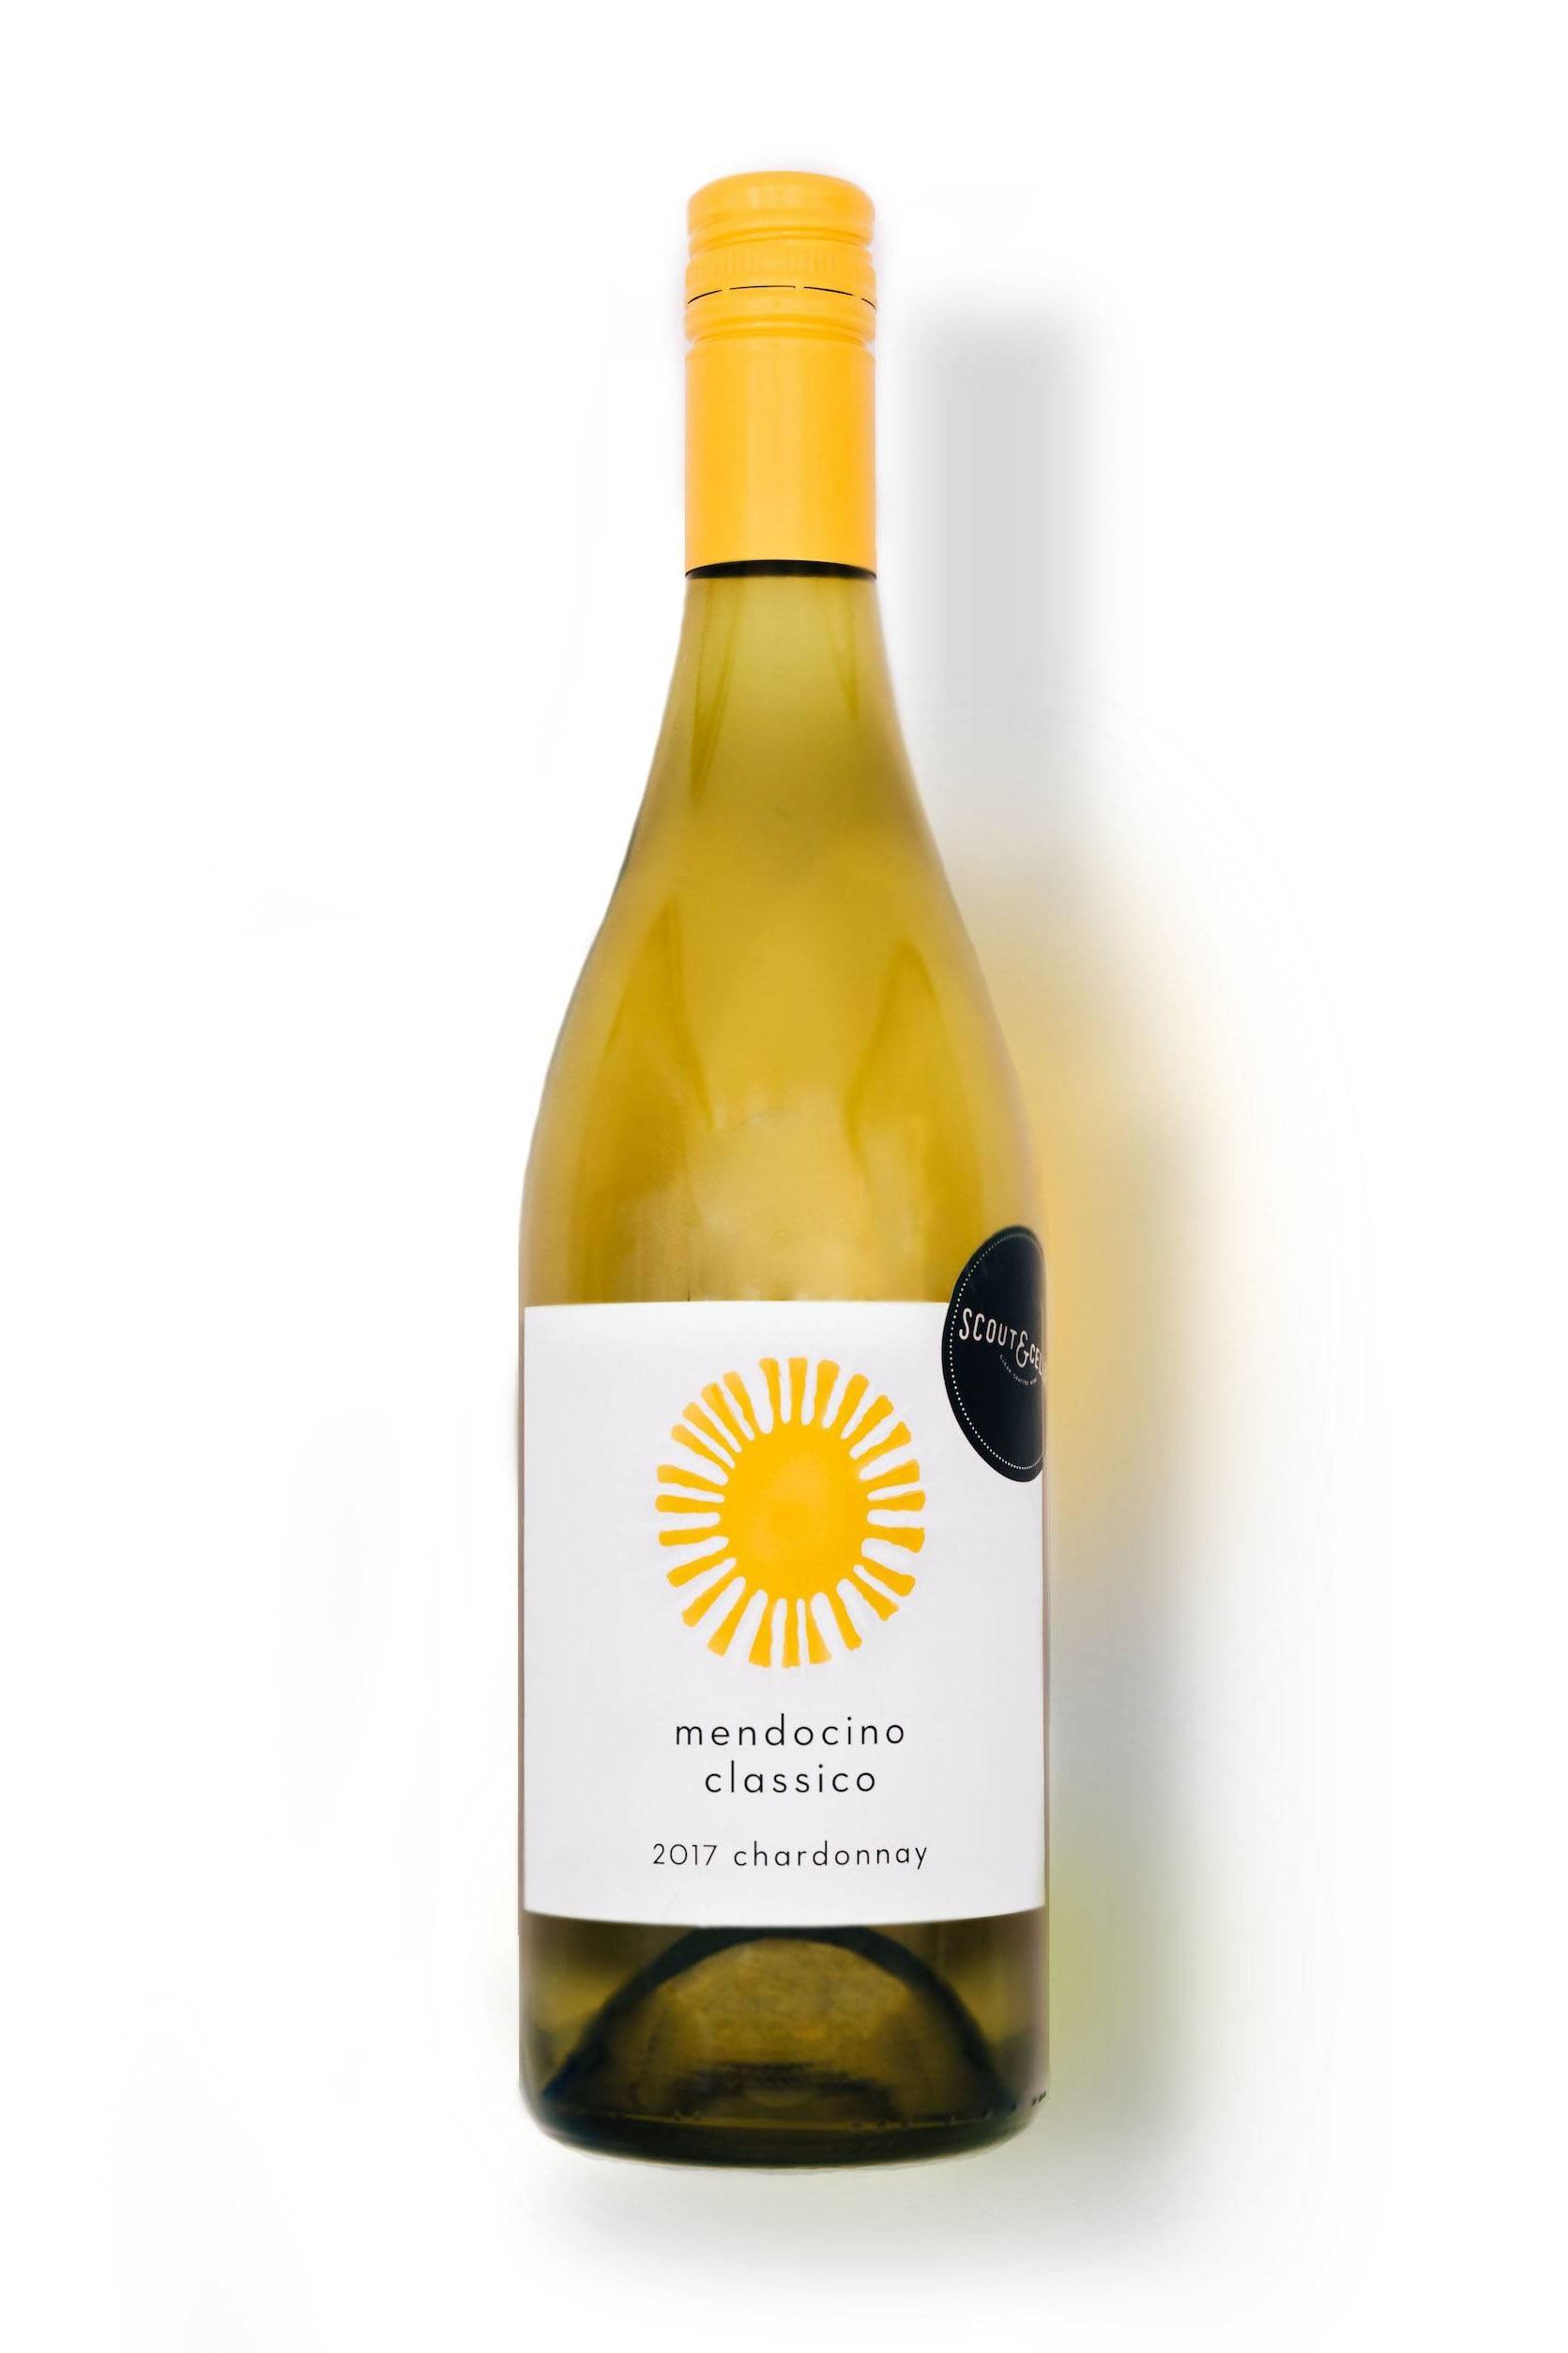 2017 Mendocino Classico Chardonnay